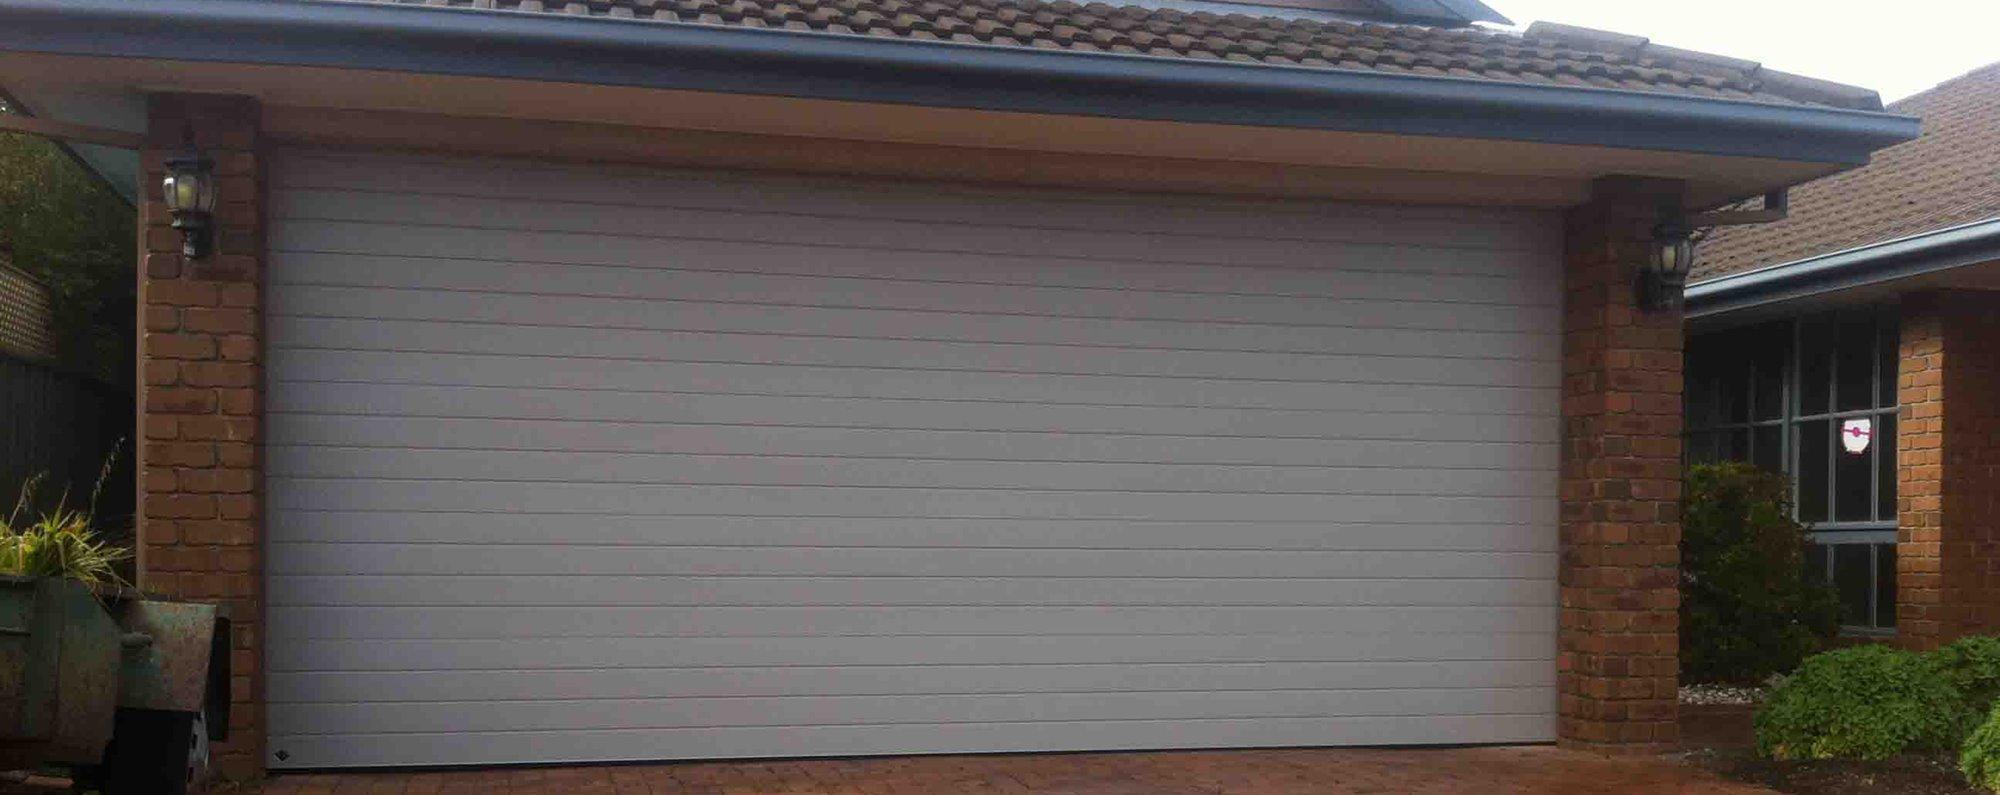 Into Garage Doors & Homepage - Into Garage Doors